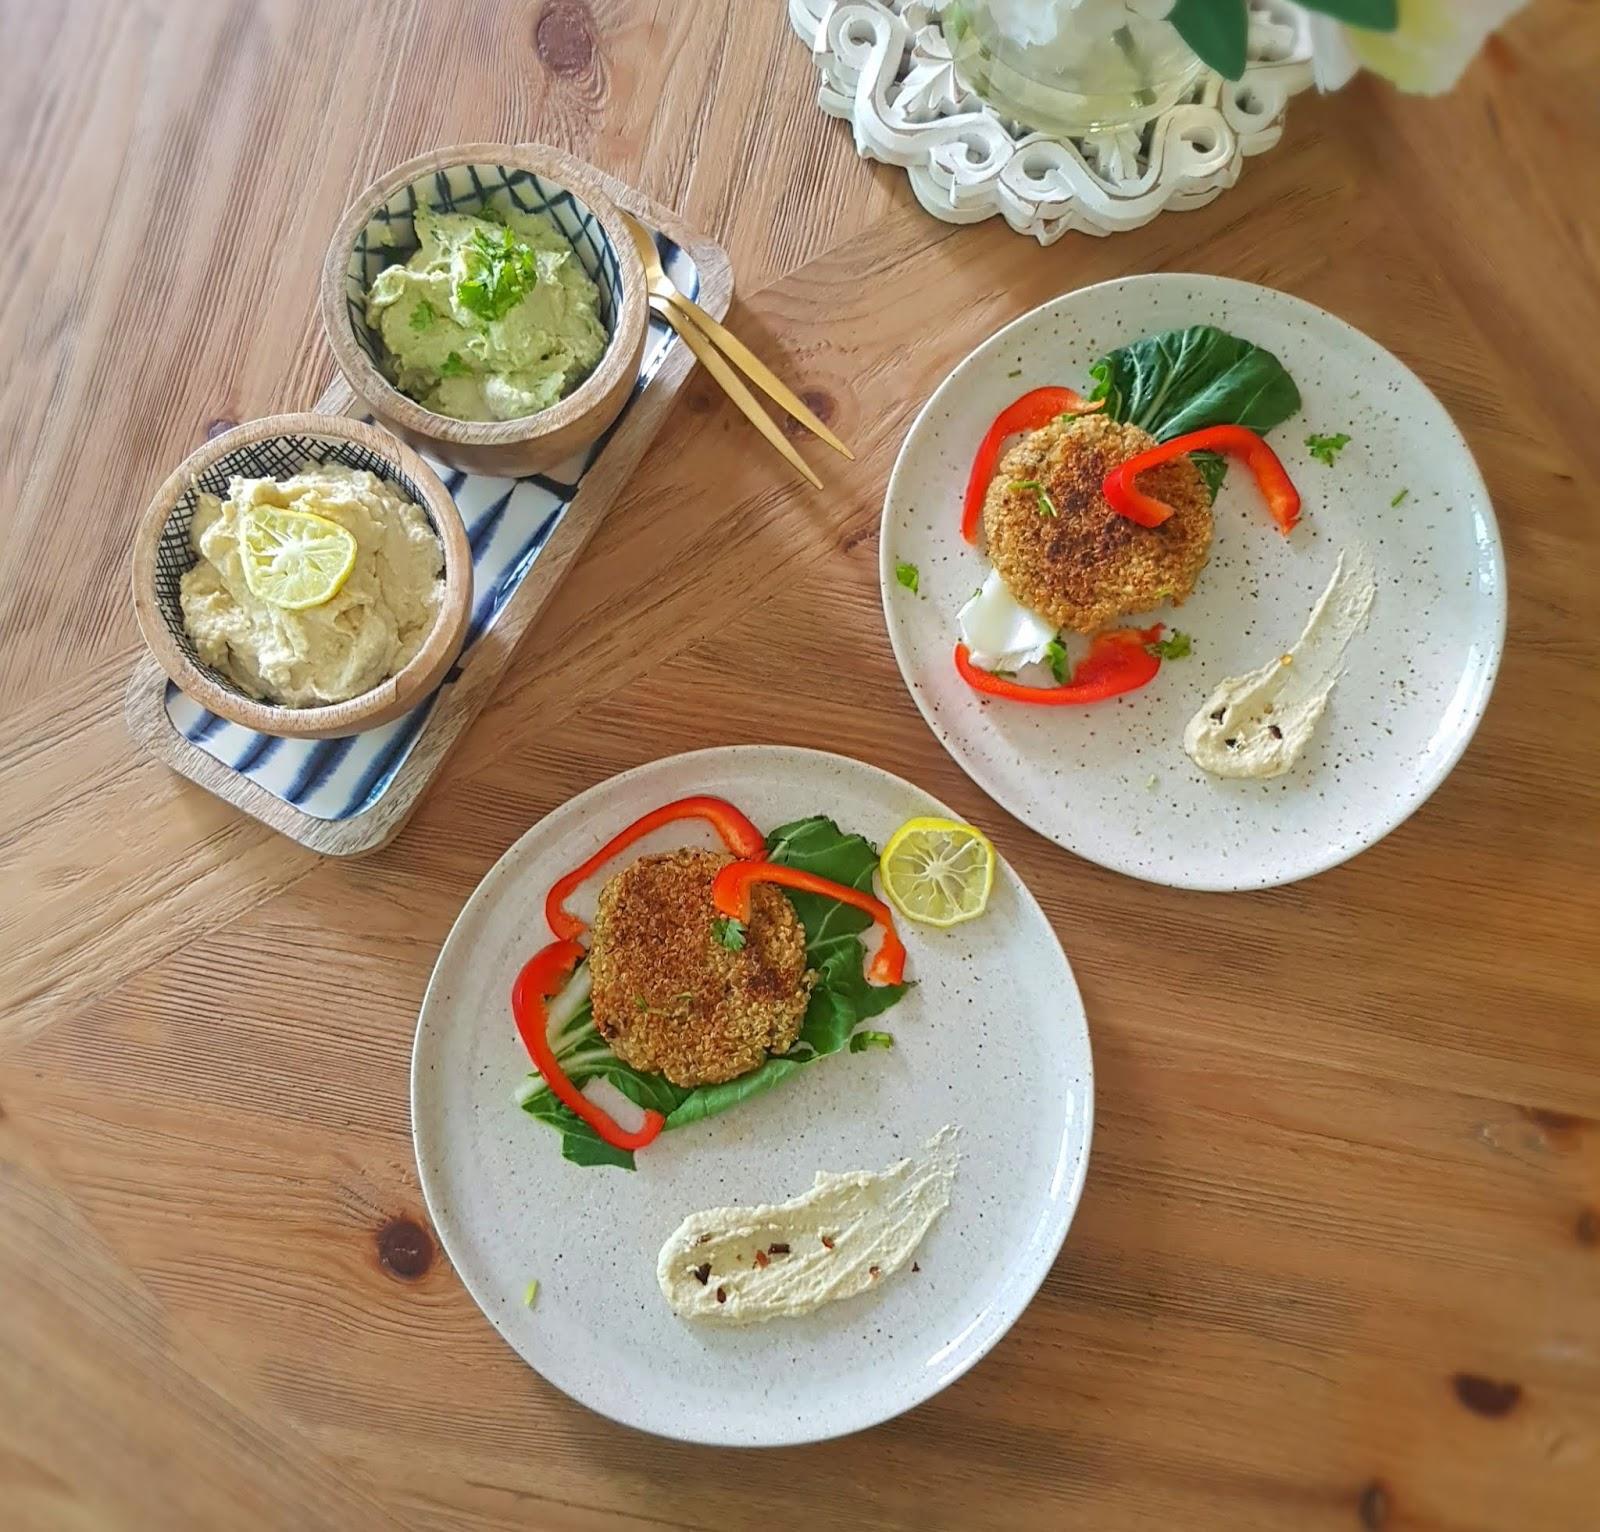 High protein vegan meals - Vegan quinoa cutlet with hummus - Healthy vegan lunch